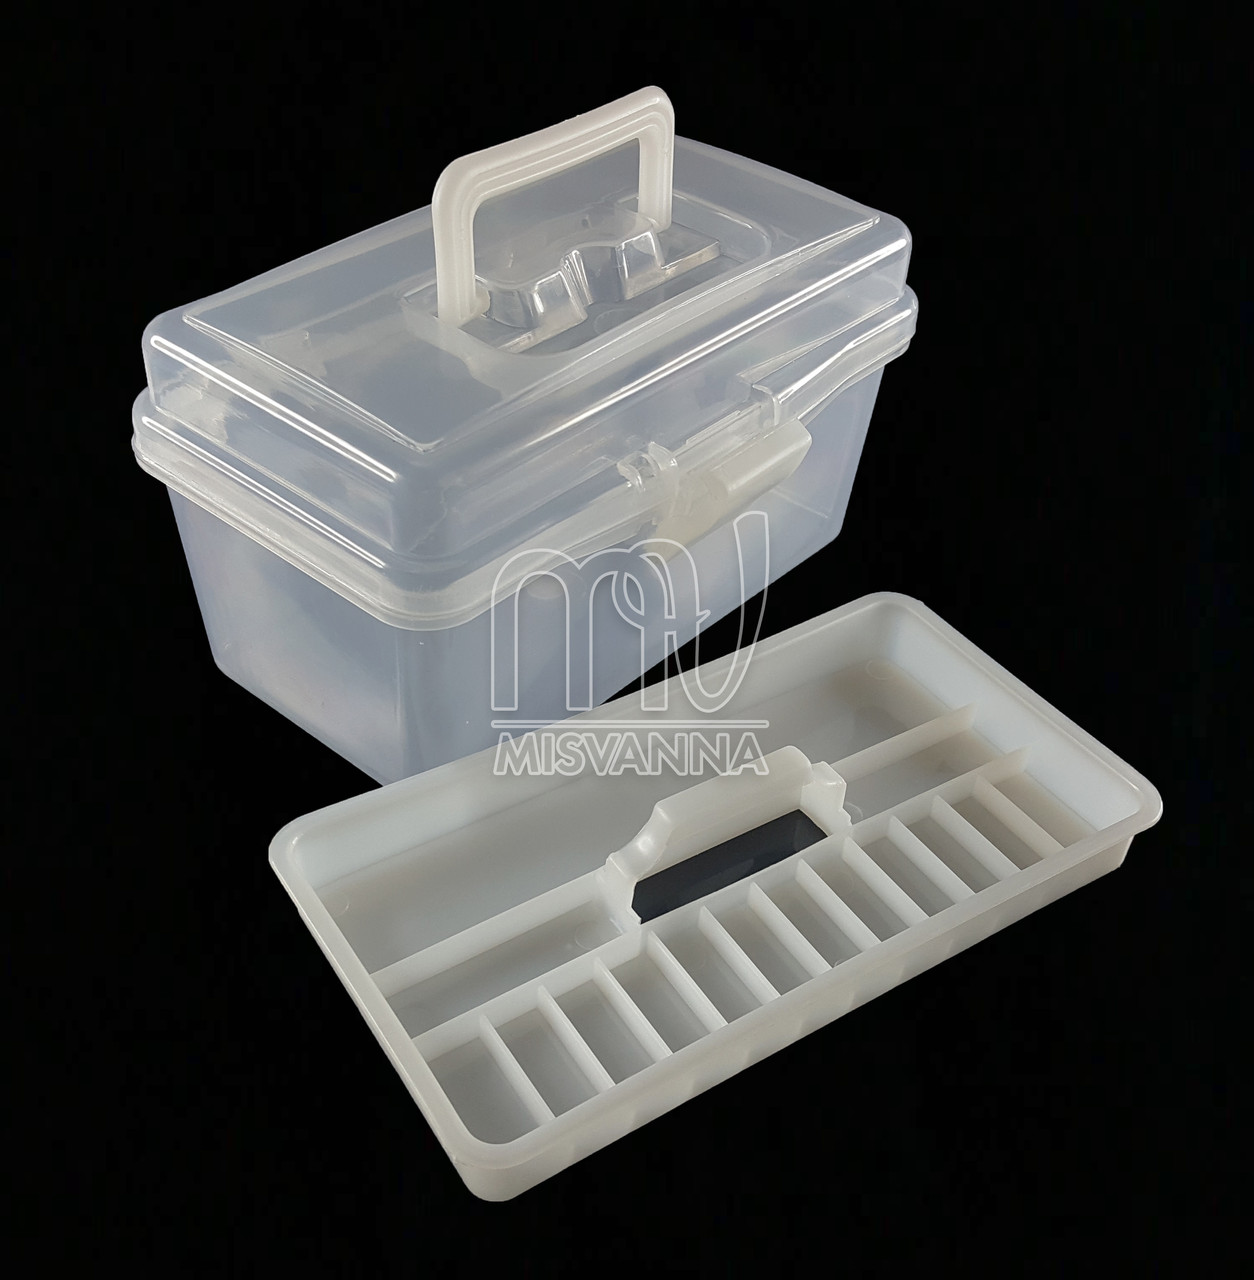 Кейс (контейнер)  для маникюрных инструментов со сьемным отделением, 11х19.5х10.5 см, белый